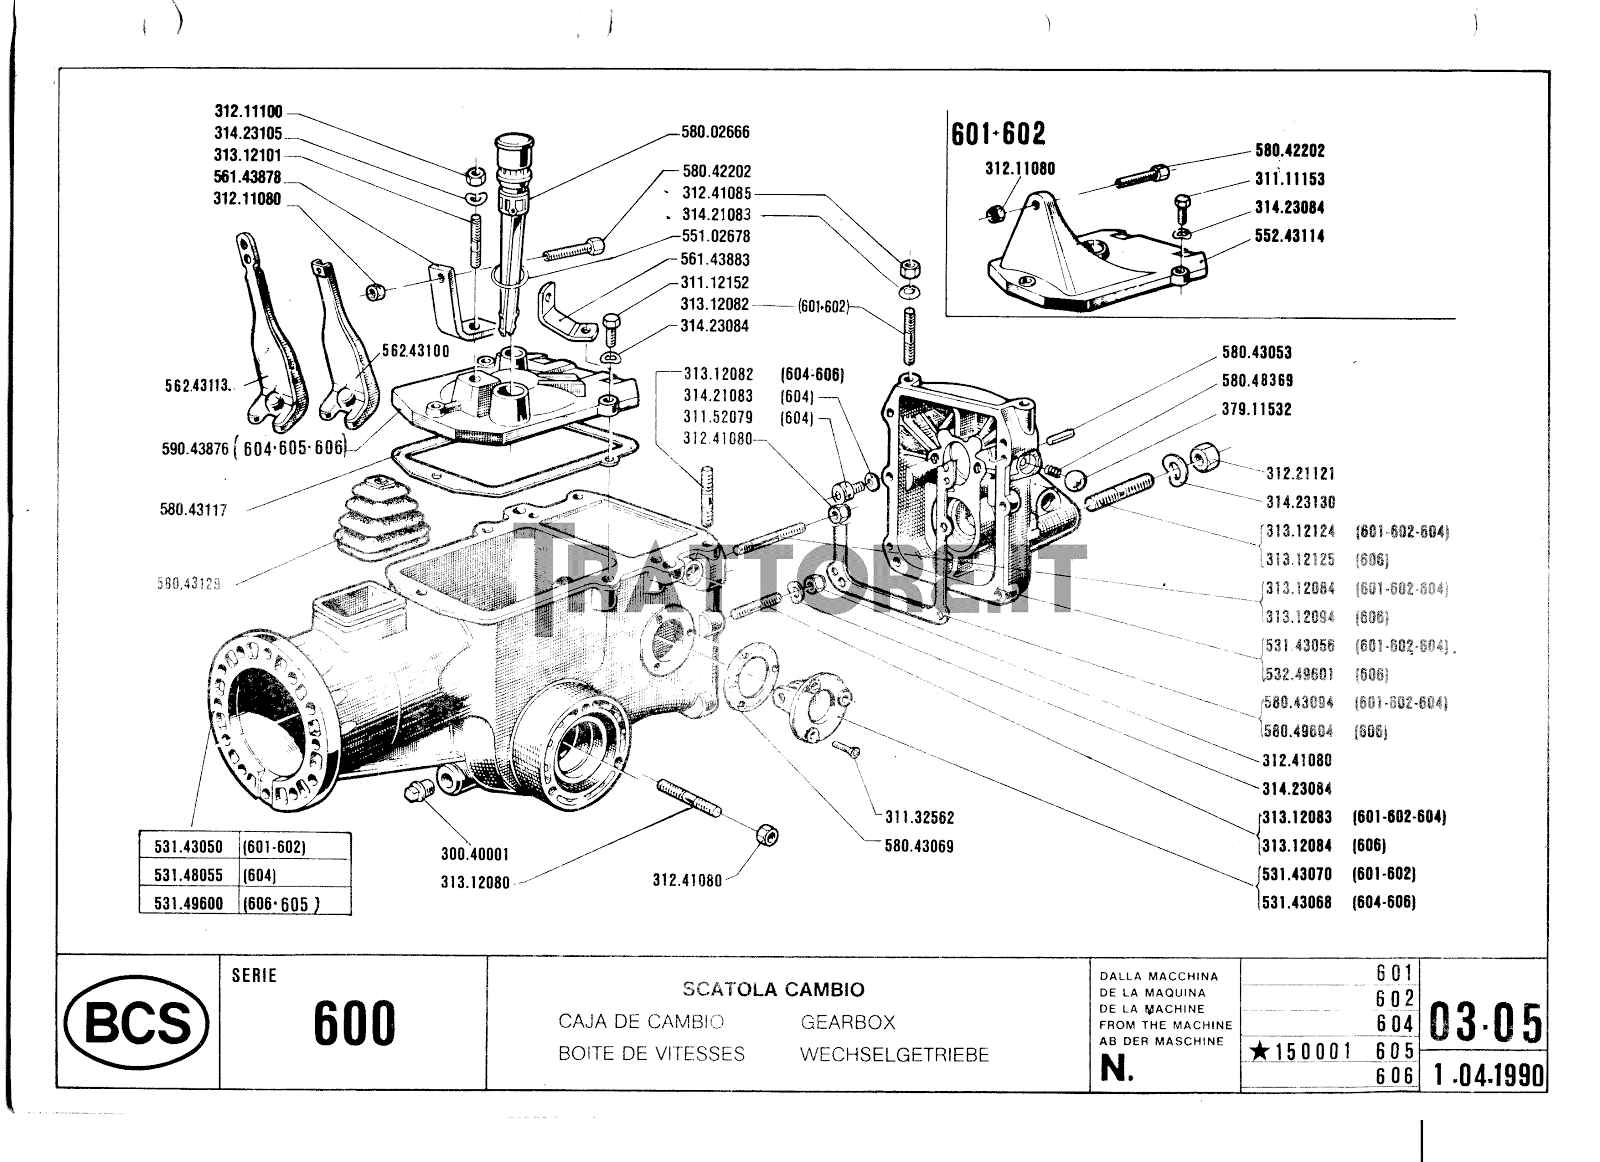 Motofalciatrice bcs 602 mulino elettrico per cereali for Falciatrice bcs 602